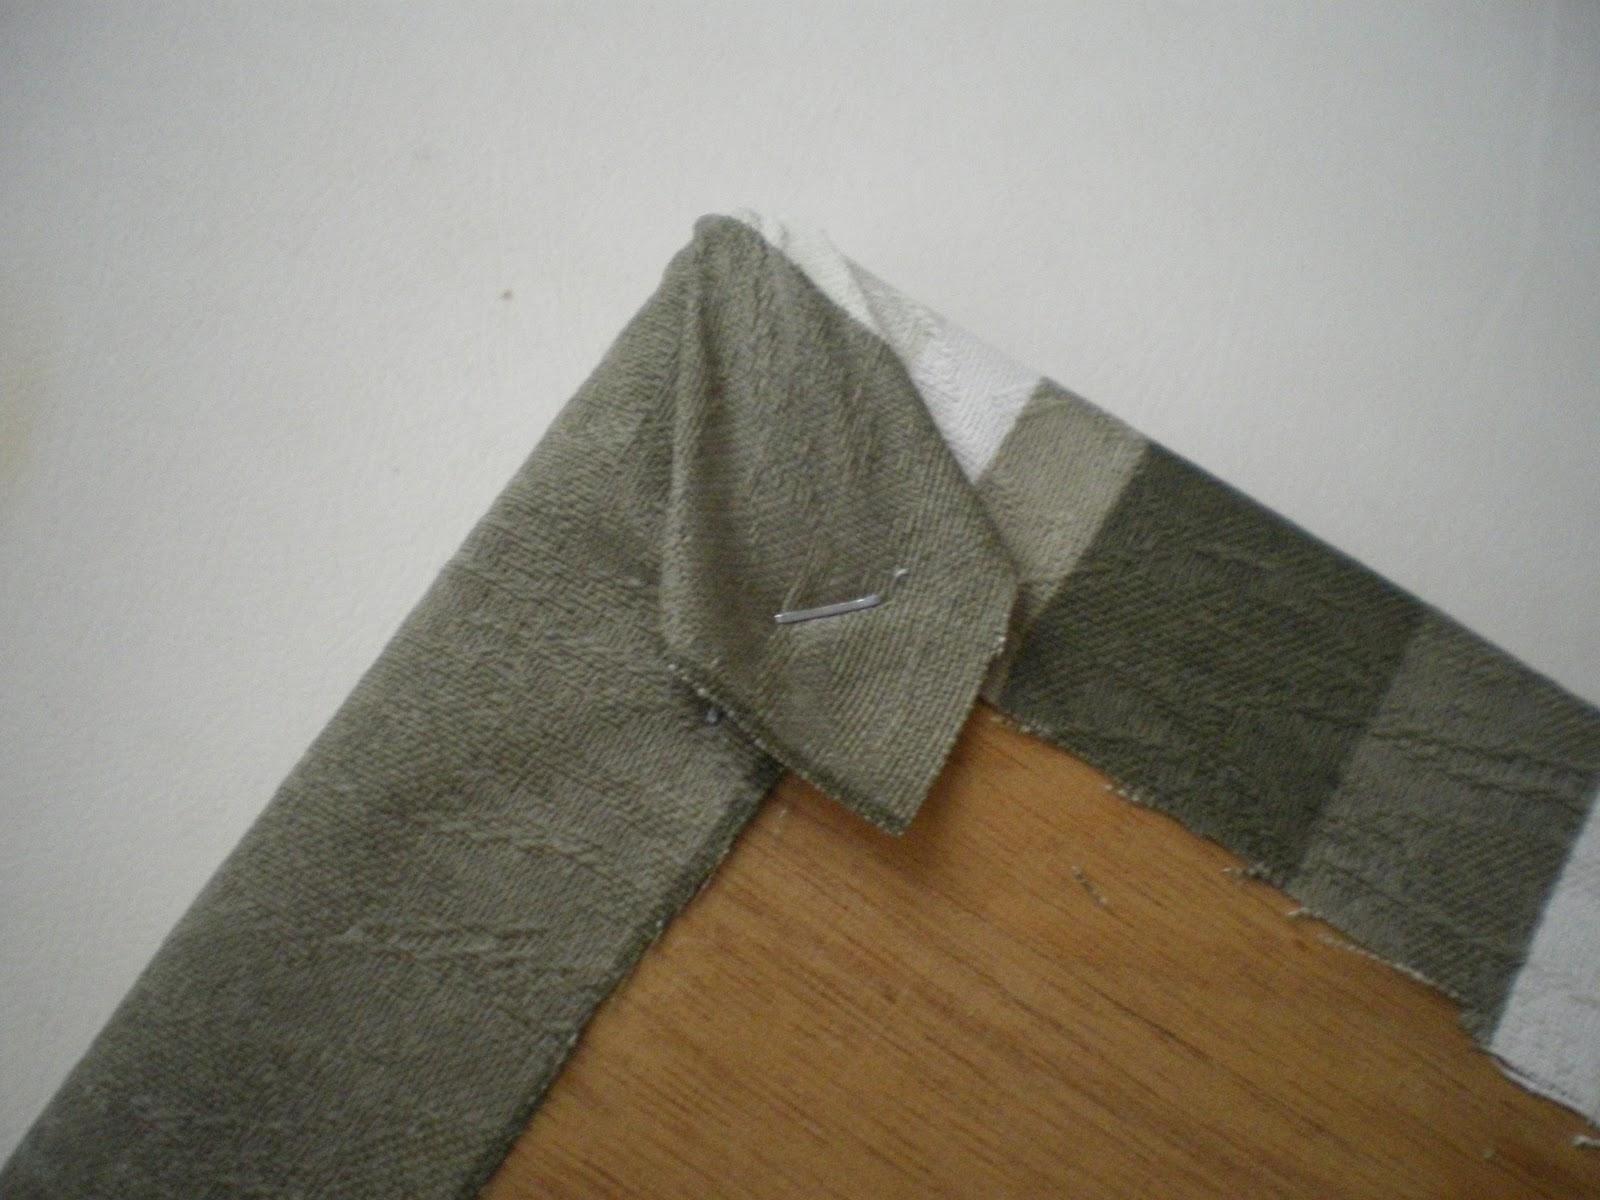 Trocando o tecido da banqueta #684D2A 1600x1200